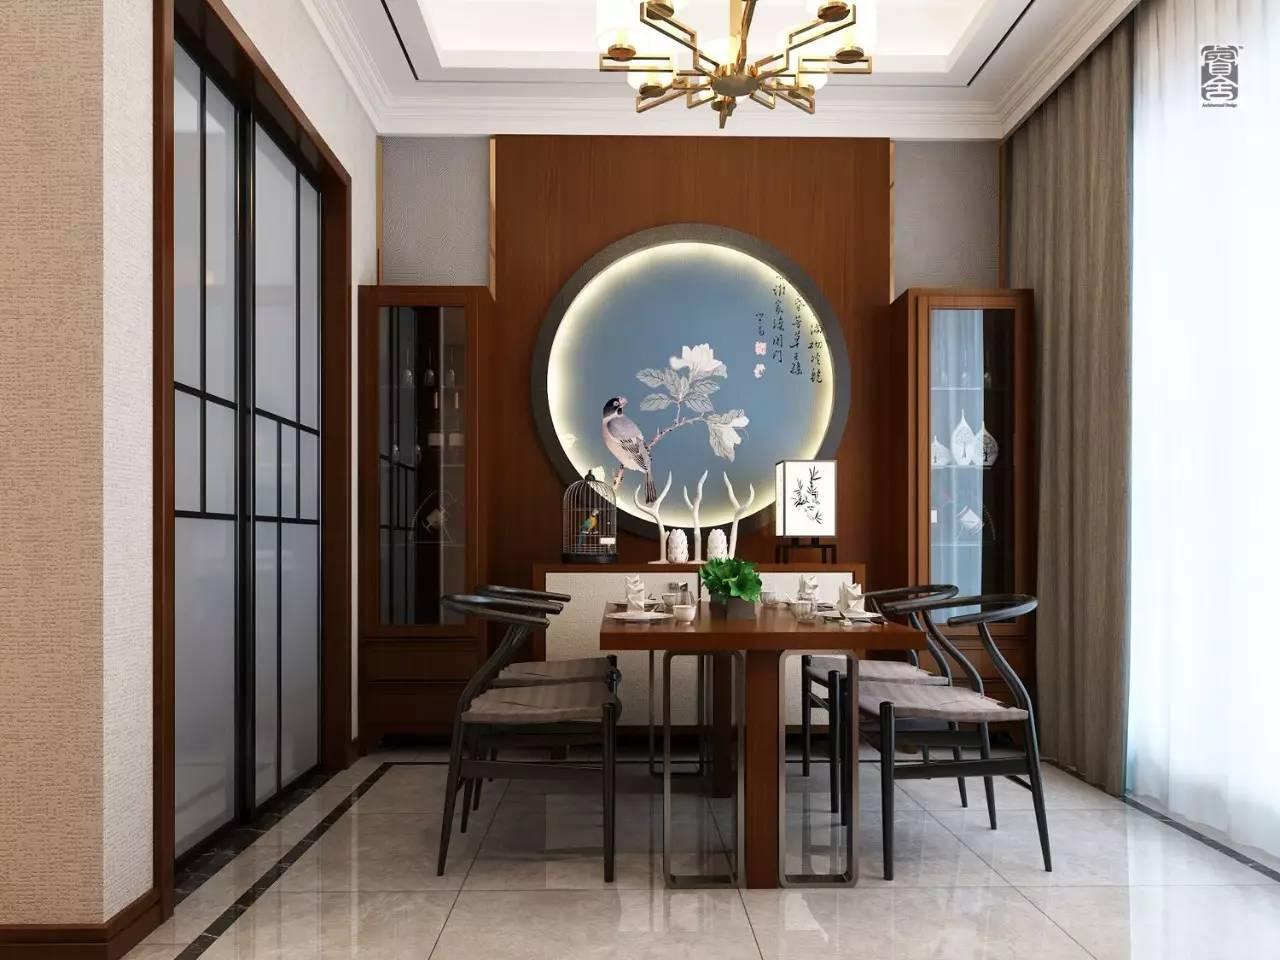 时尚 正文  沙发背景墙选用印花硅藻泥作为主料,辅以中式硬包.图片